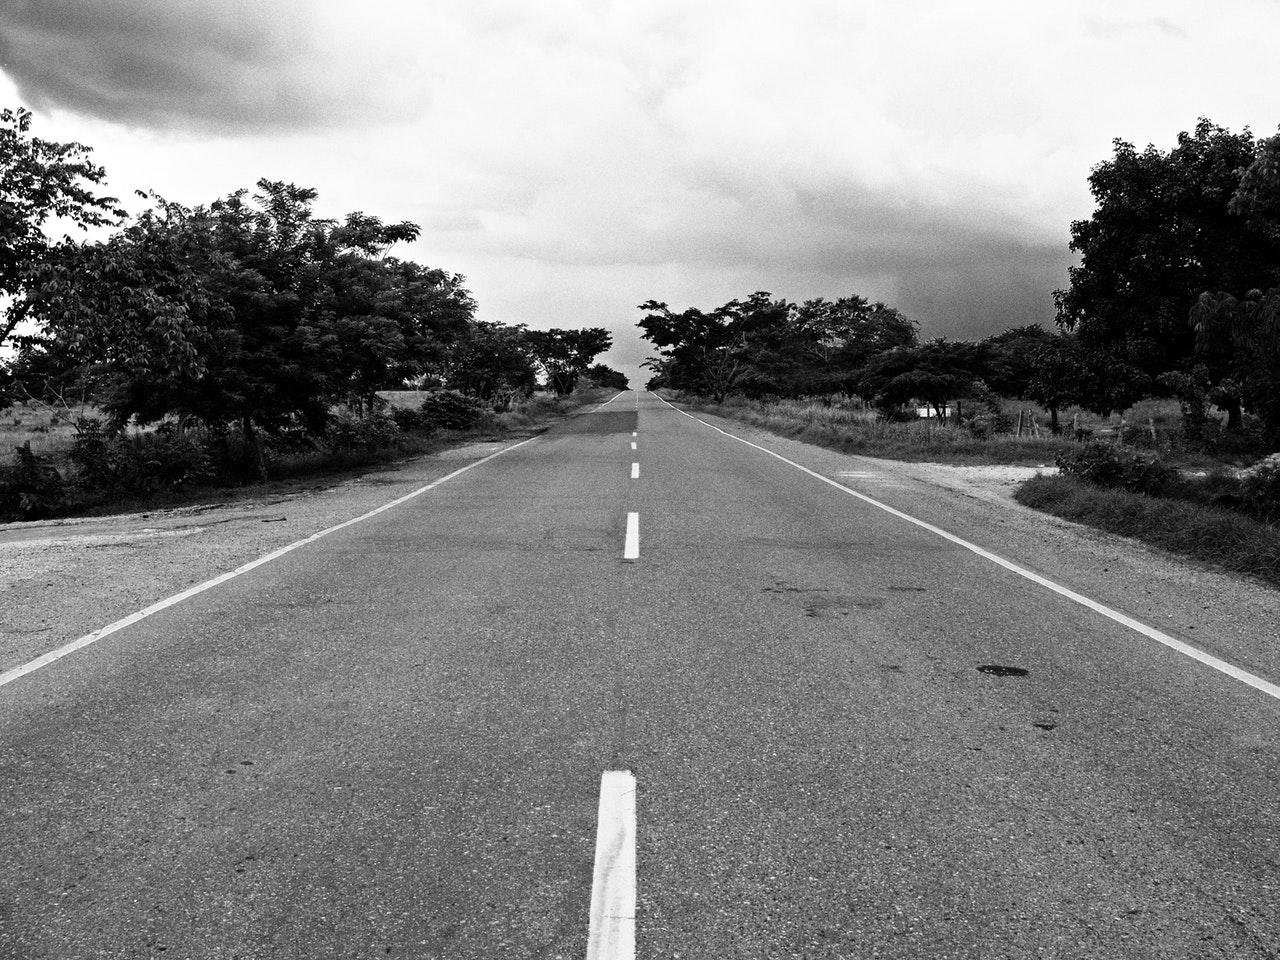 Mától átadásra kerül egy újabb szakaszt az M0-s autóút déli szektorában